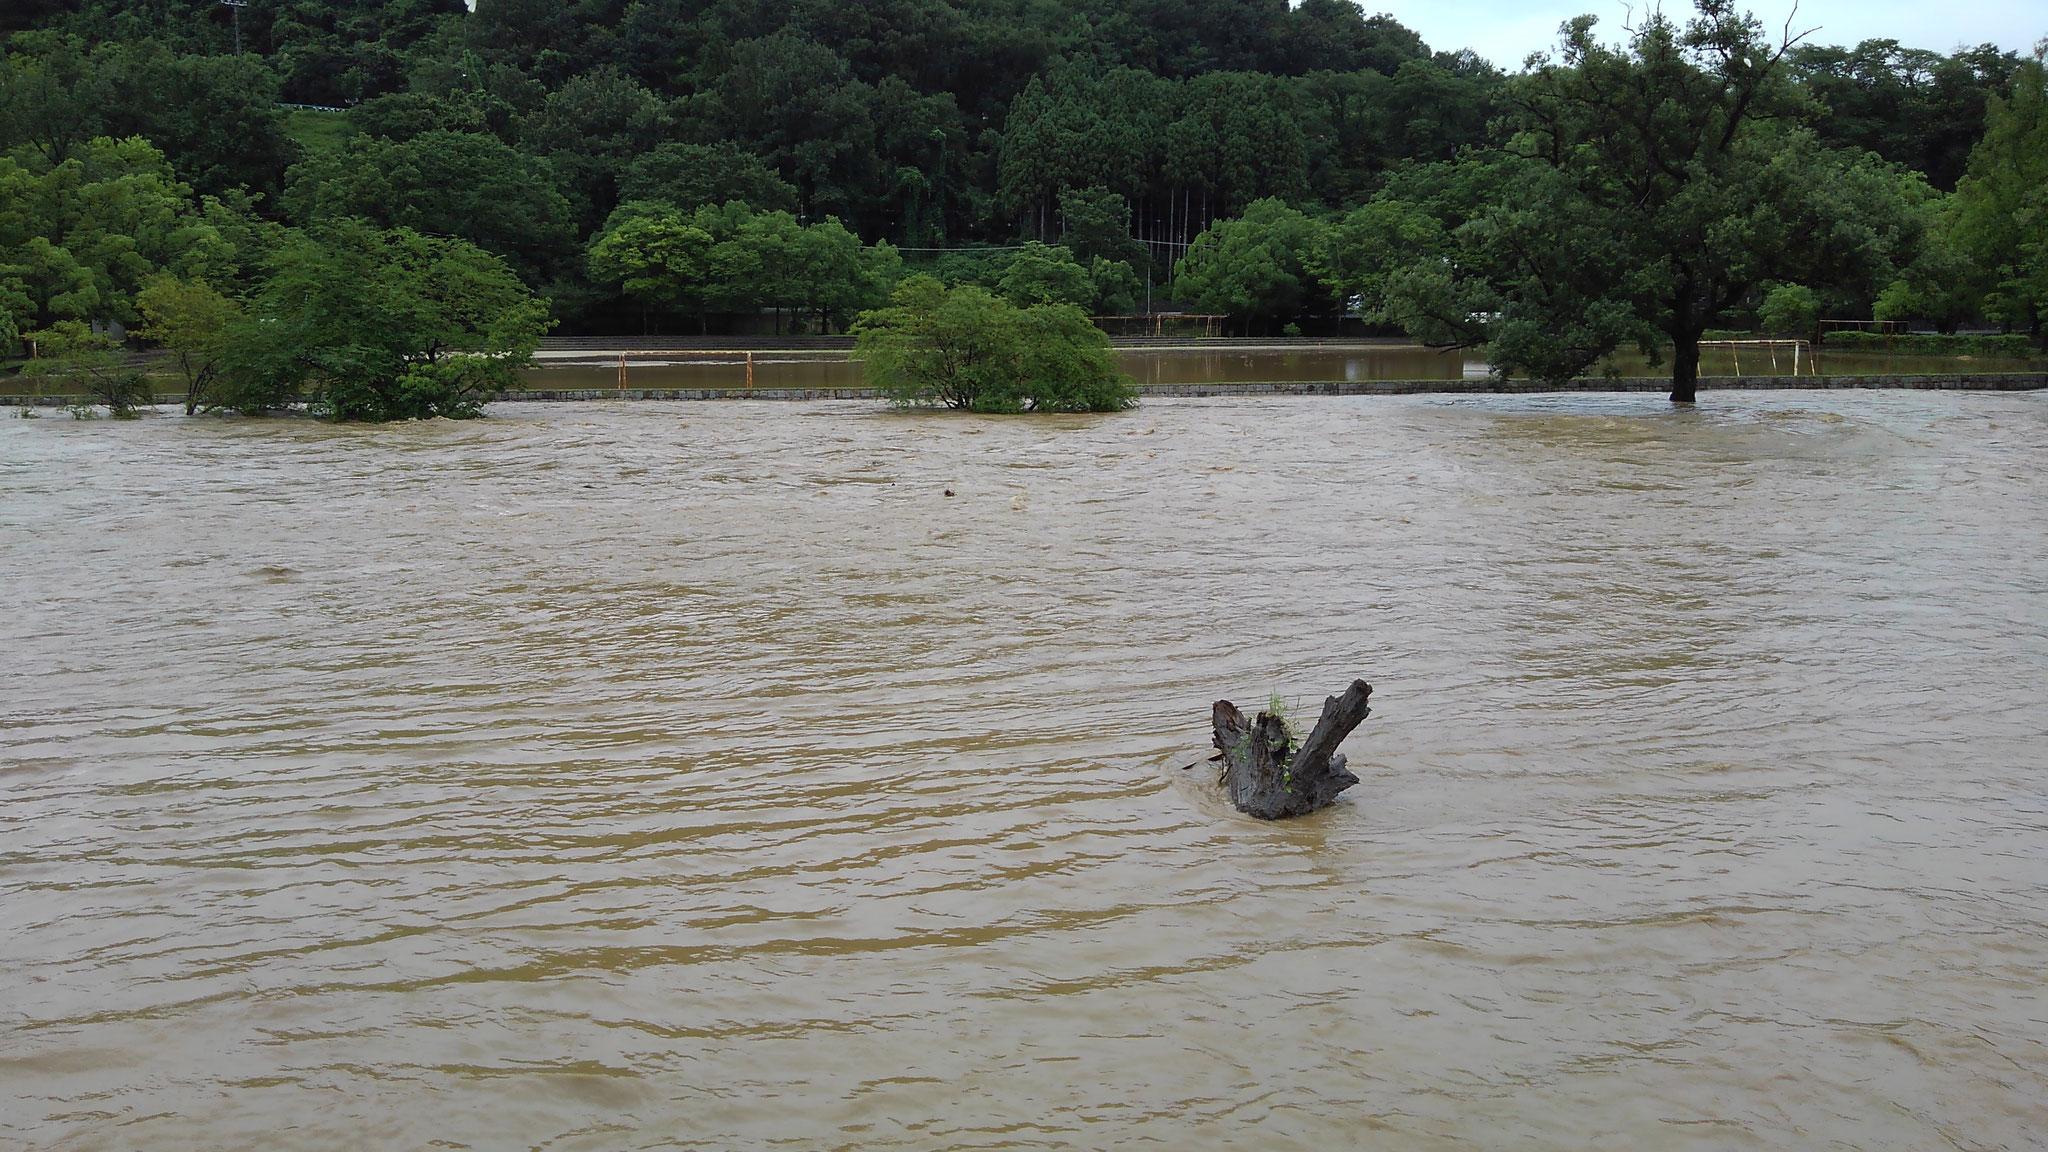 柊野グランド横 グランド内への浸水はまだない状況